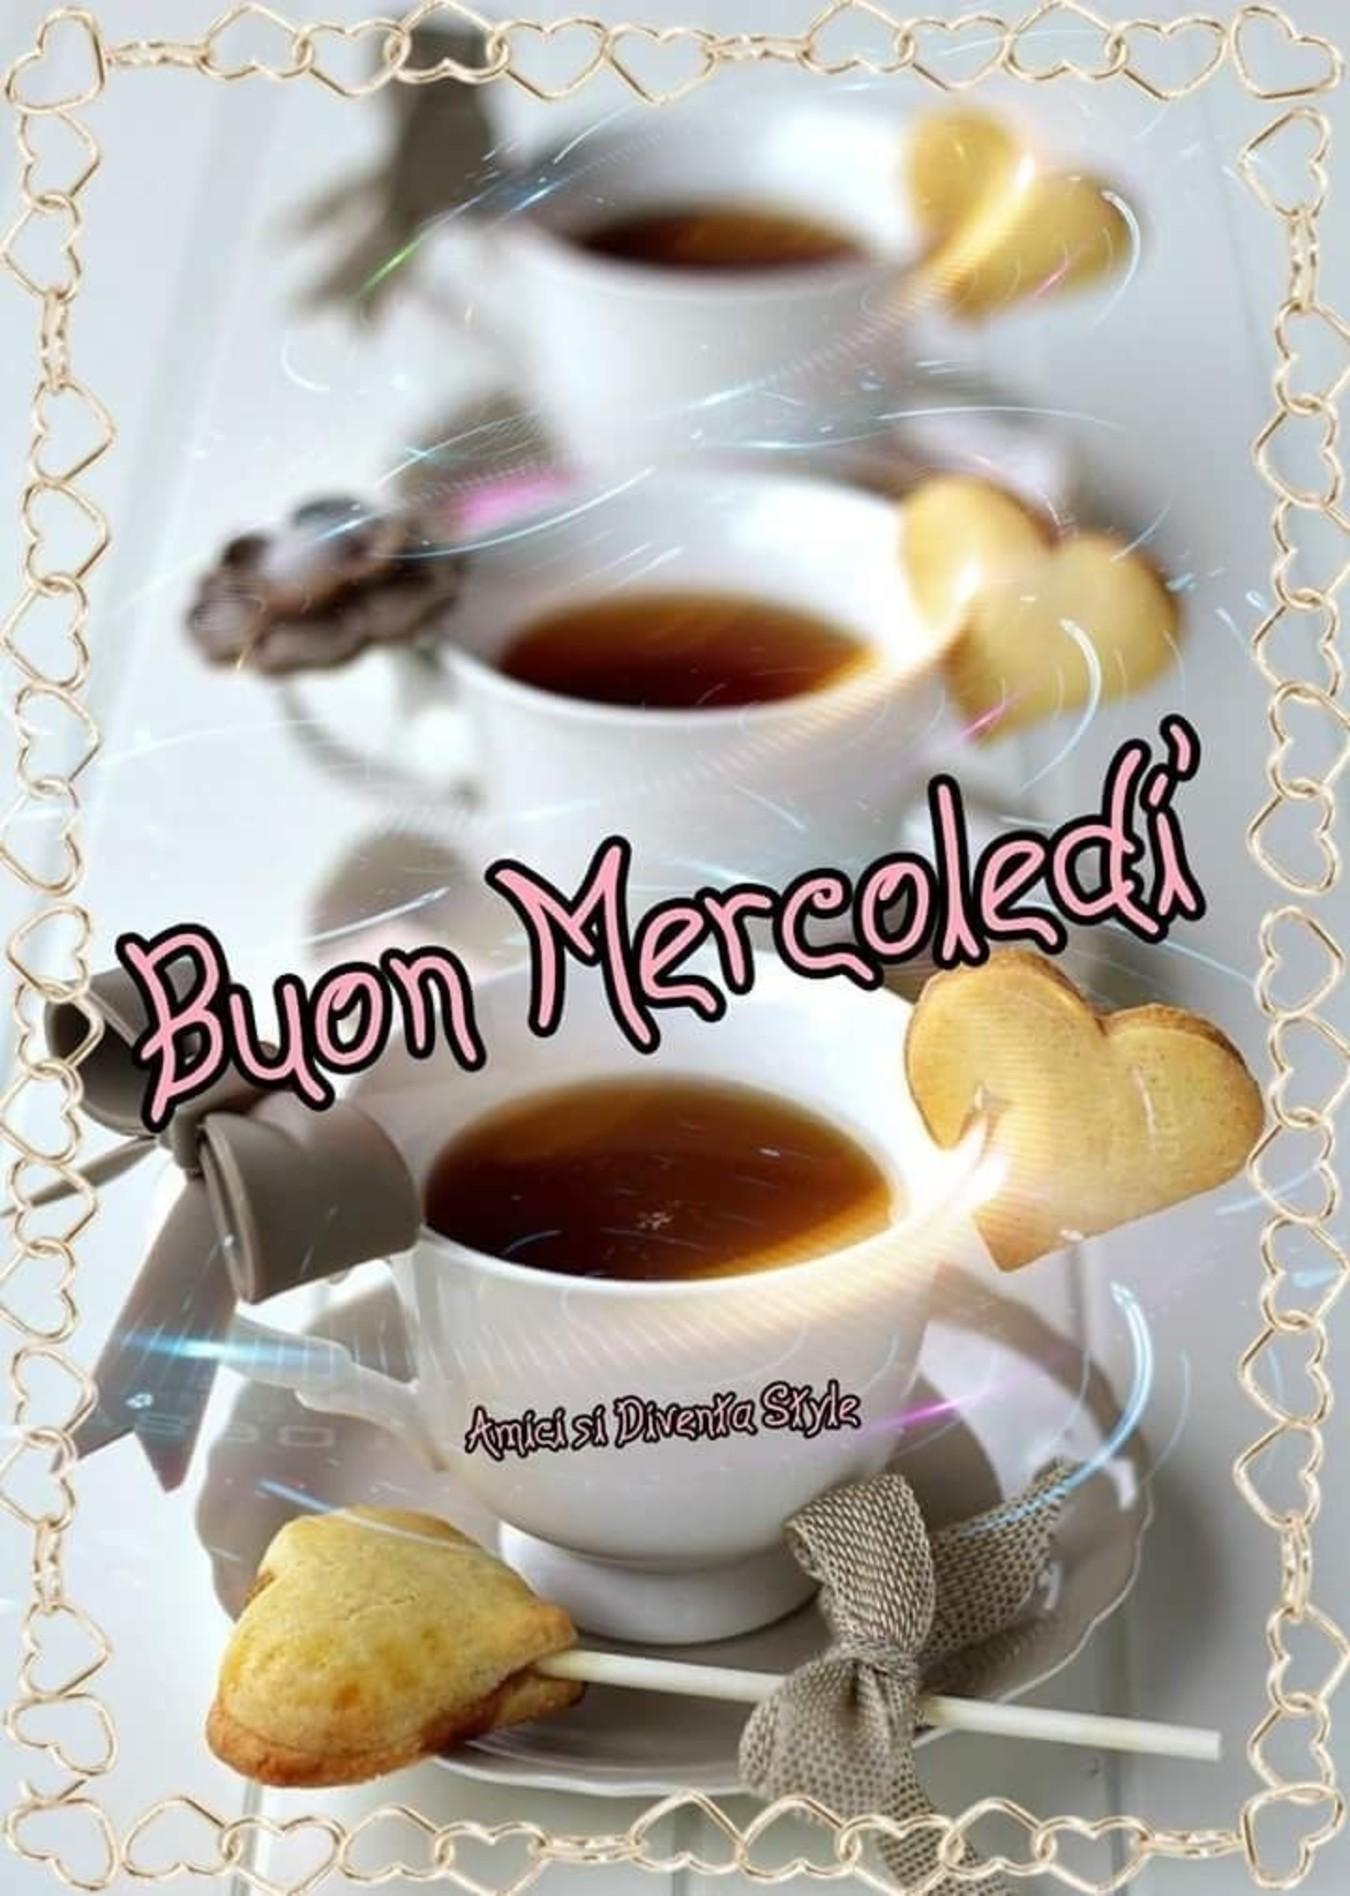 Immagini Buon Mercoledì Col Caffè Archives Immaginiwhatsappit